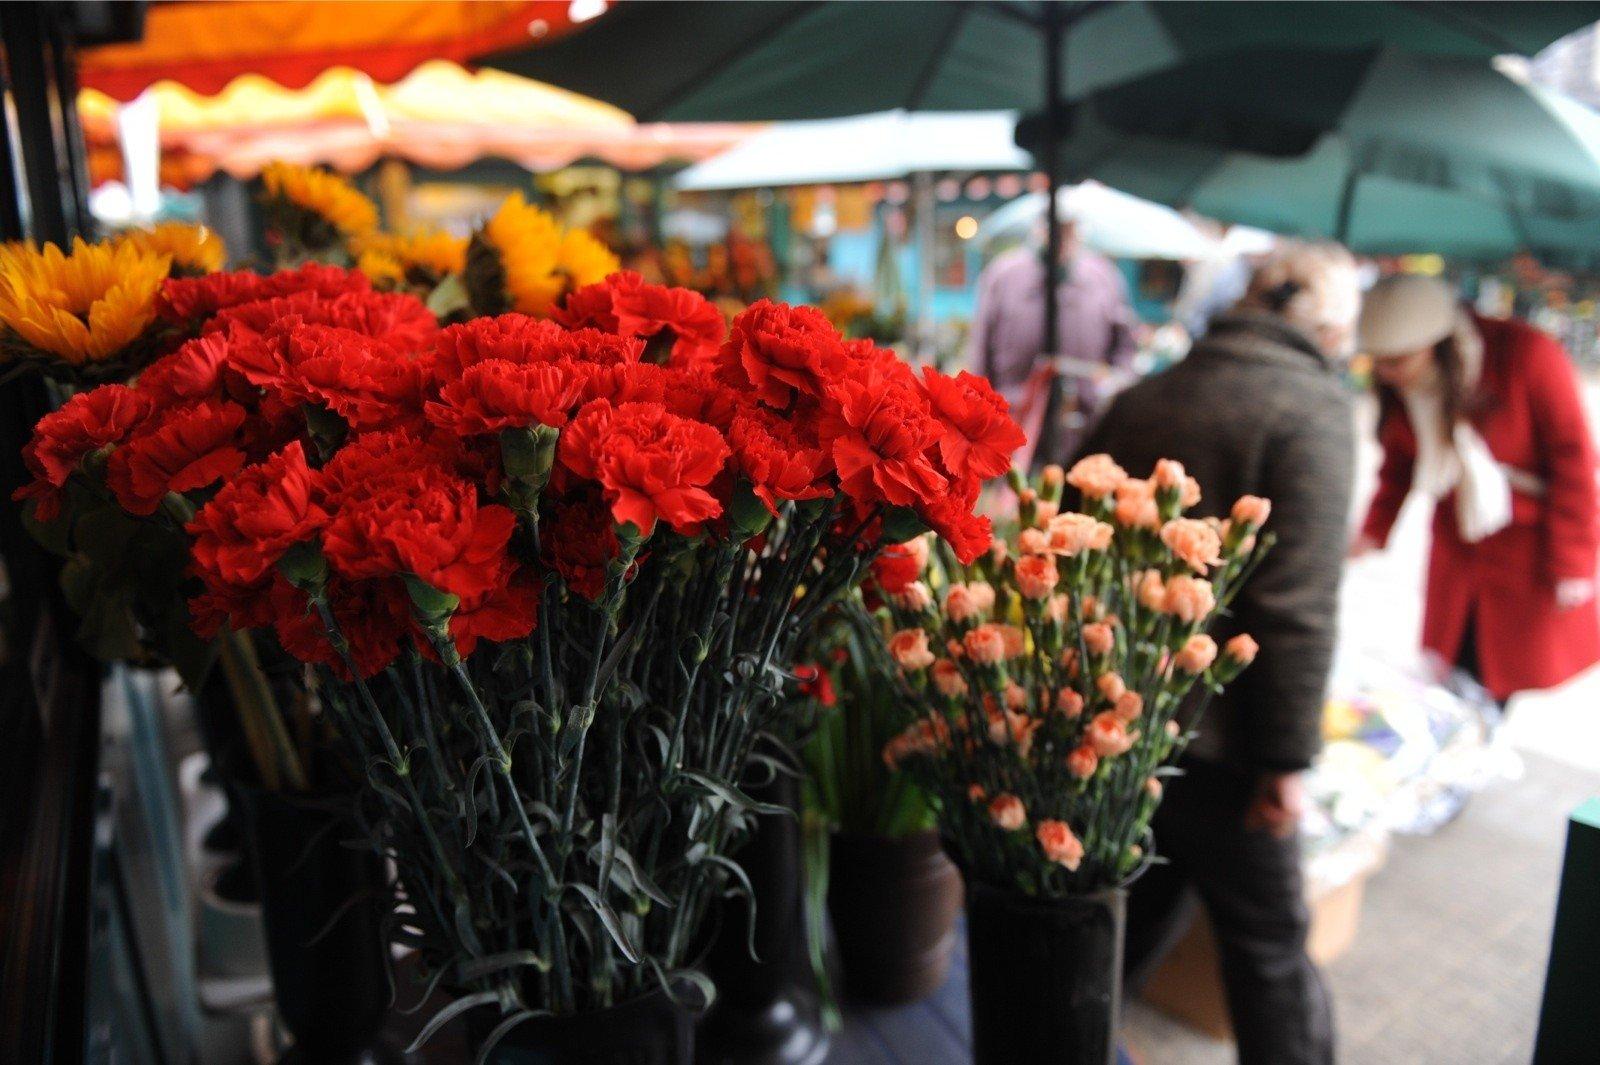 c6f162b595fb83 Kwiaty są być może nieco sztampowe, jednak stanowią bardzo bezpieczny  prezent, gdyż niemal wszystkie